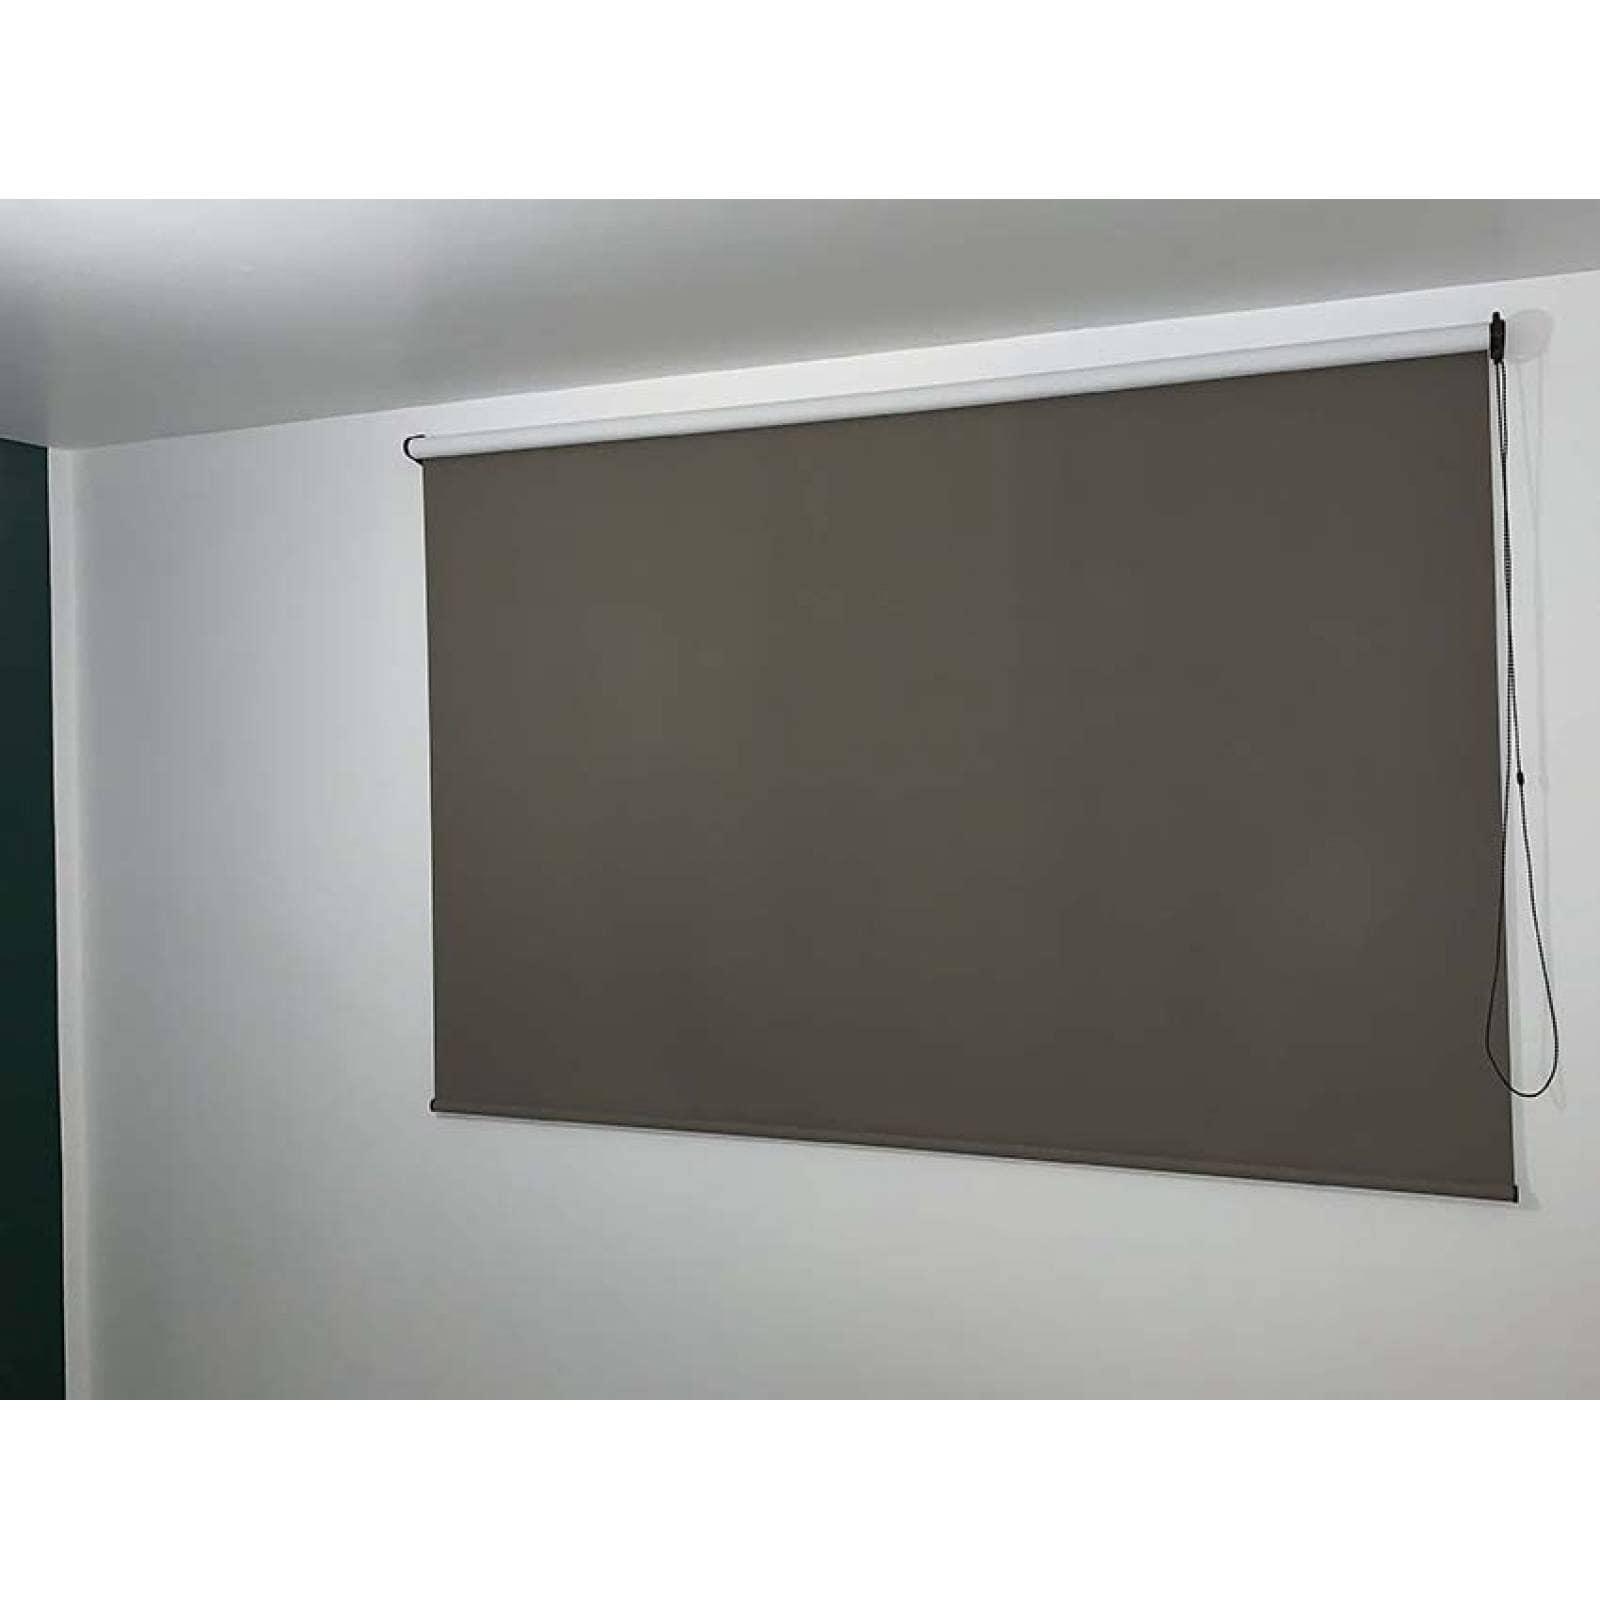 Persianas Blackout modelo Sidney 140 cm de ancho X hasta 170 cm de largo